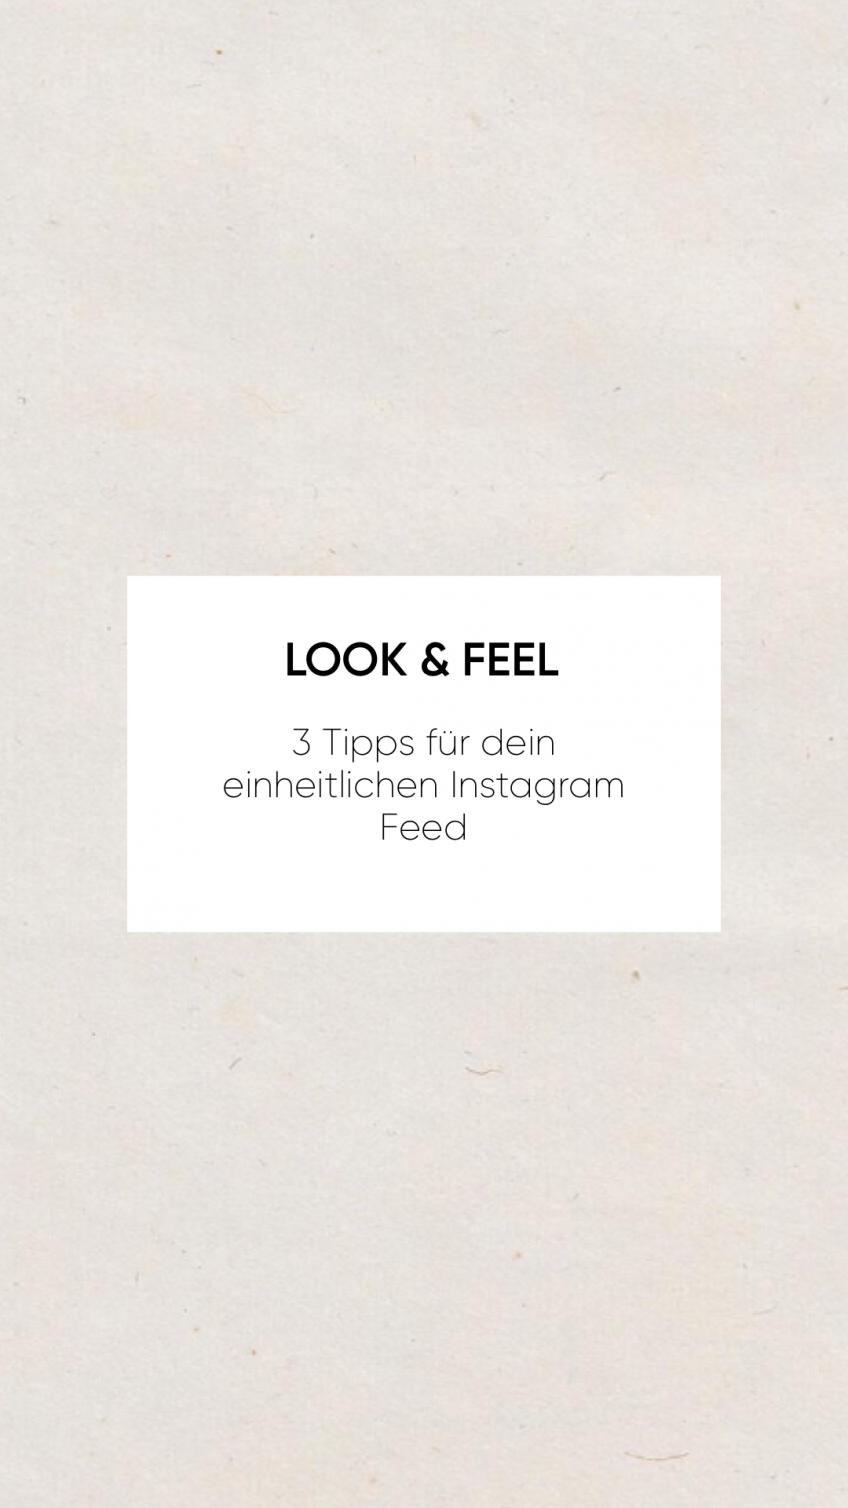 Look and Feel – 3 Tipps für dein einheitlichen Instagram Feed